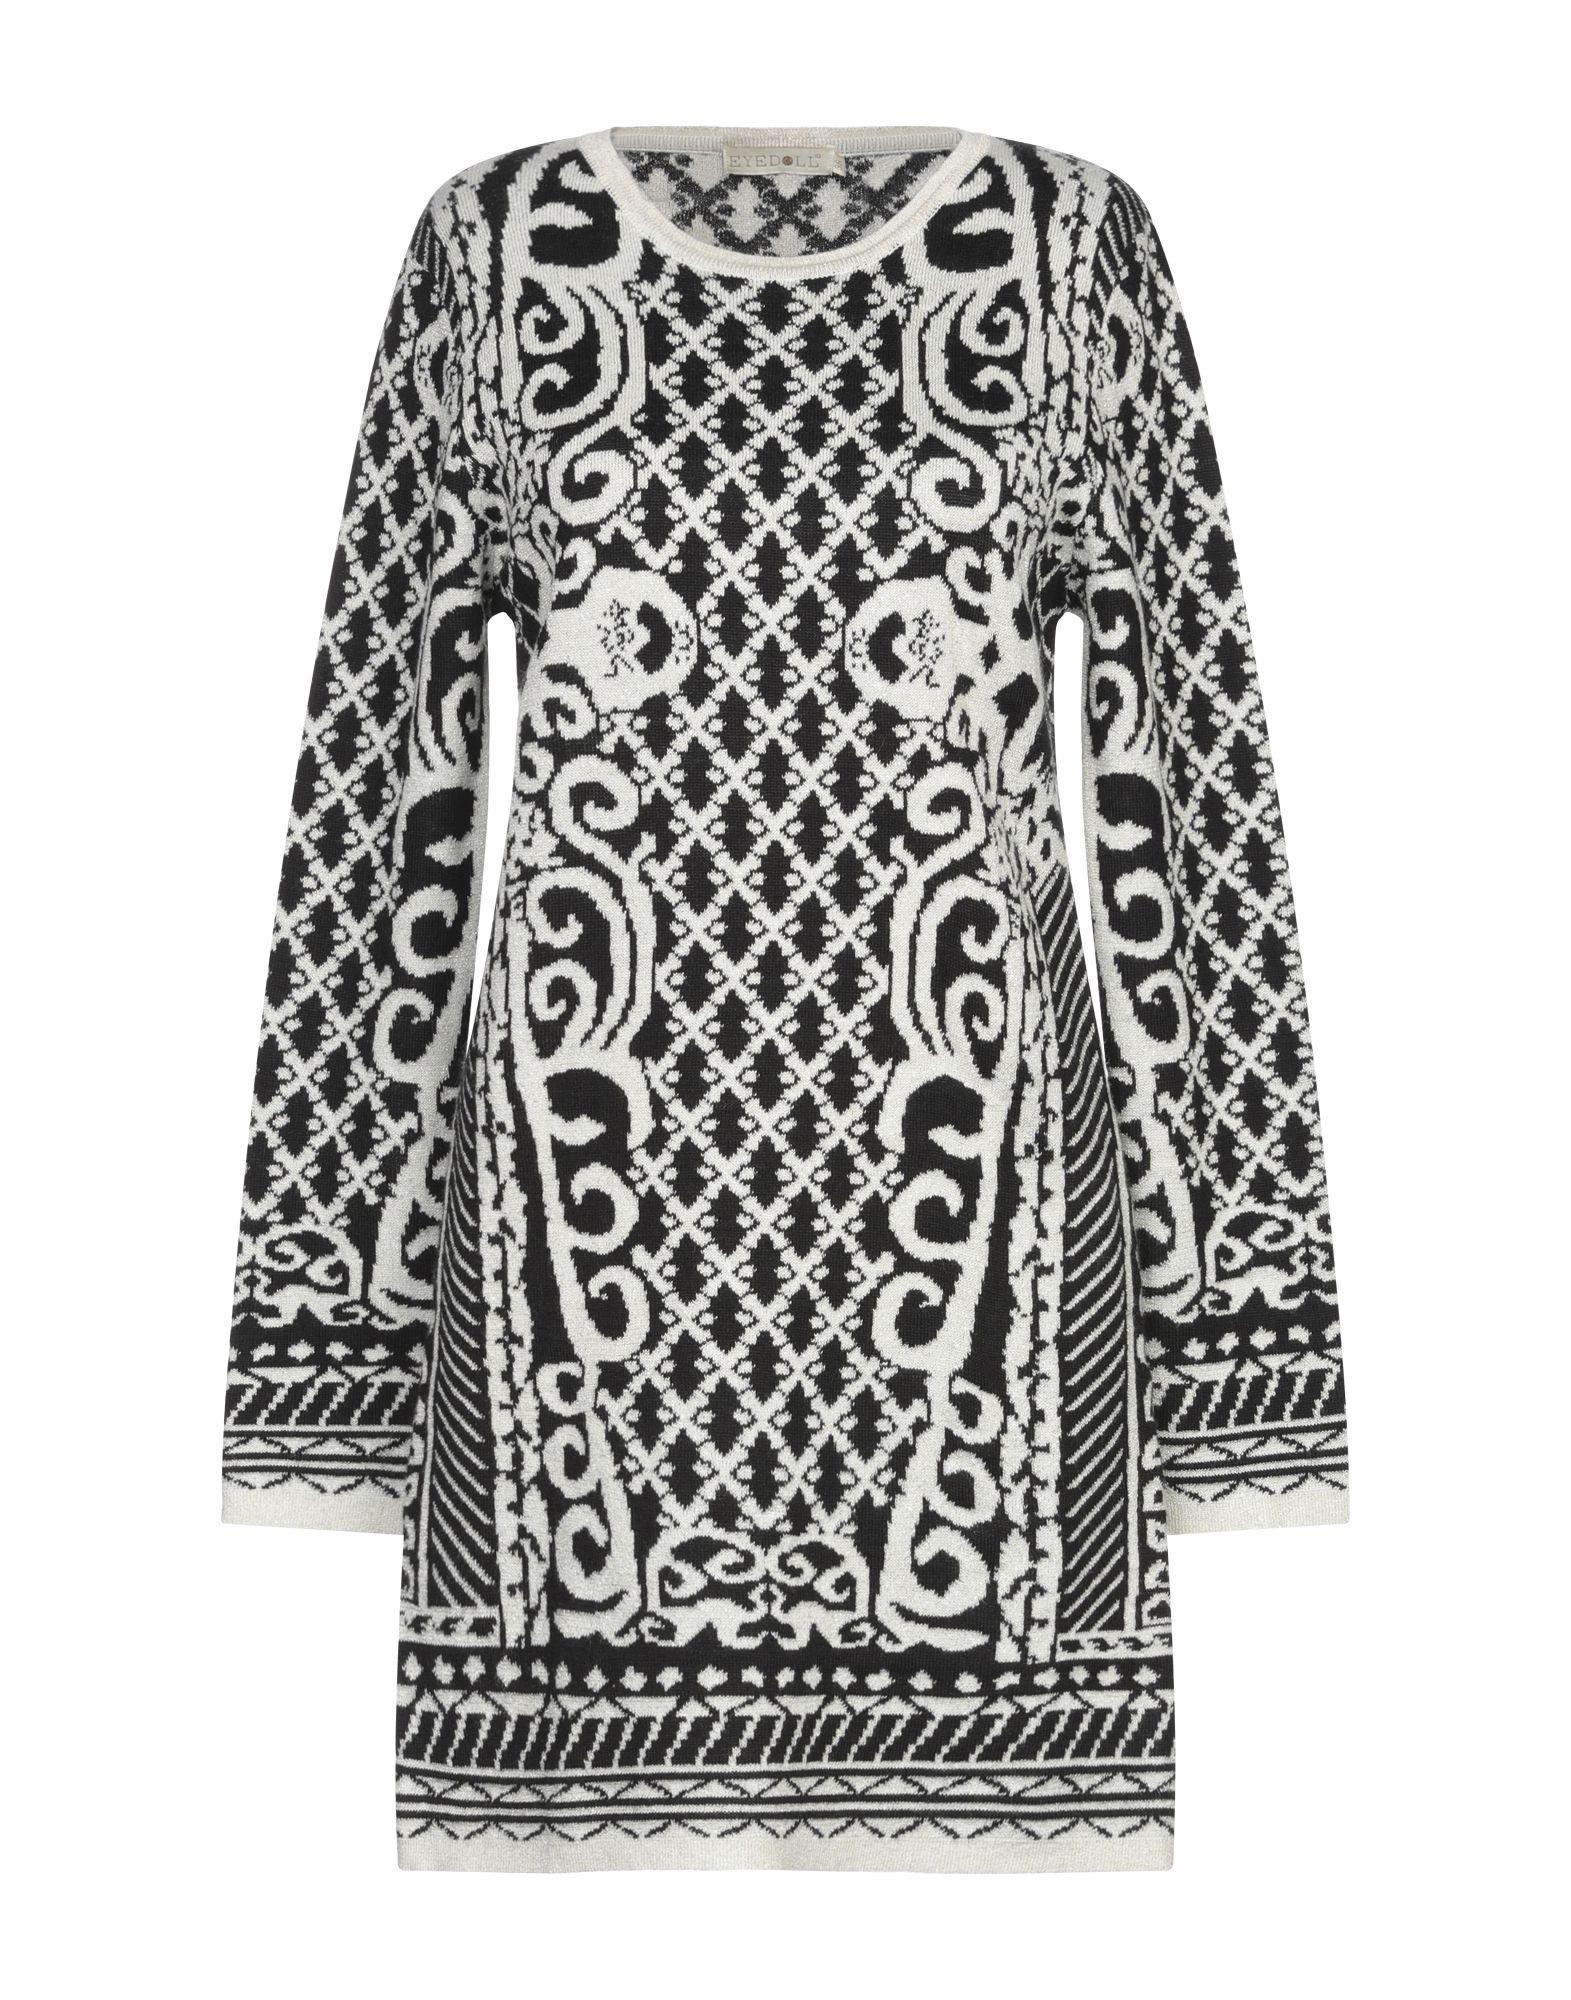 купить EYEDOLL Короткое платье по цене 15000 рублей